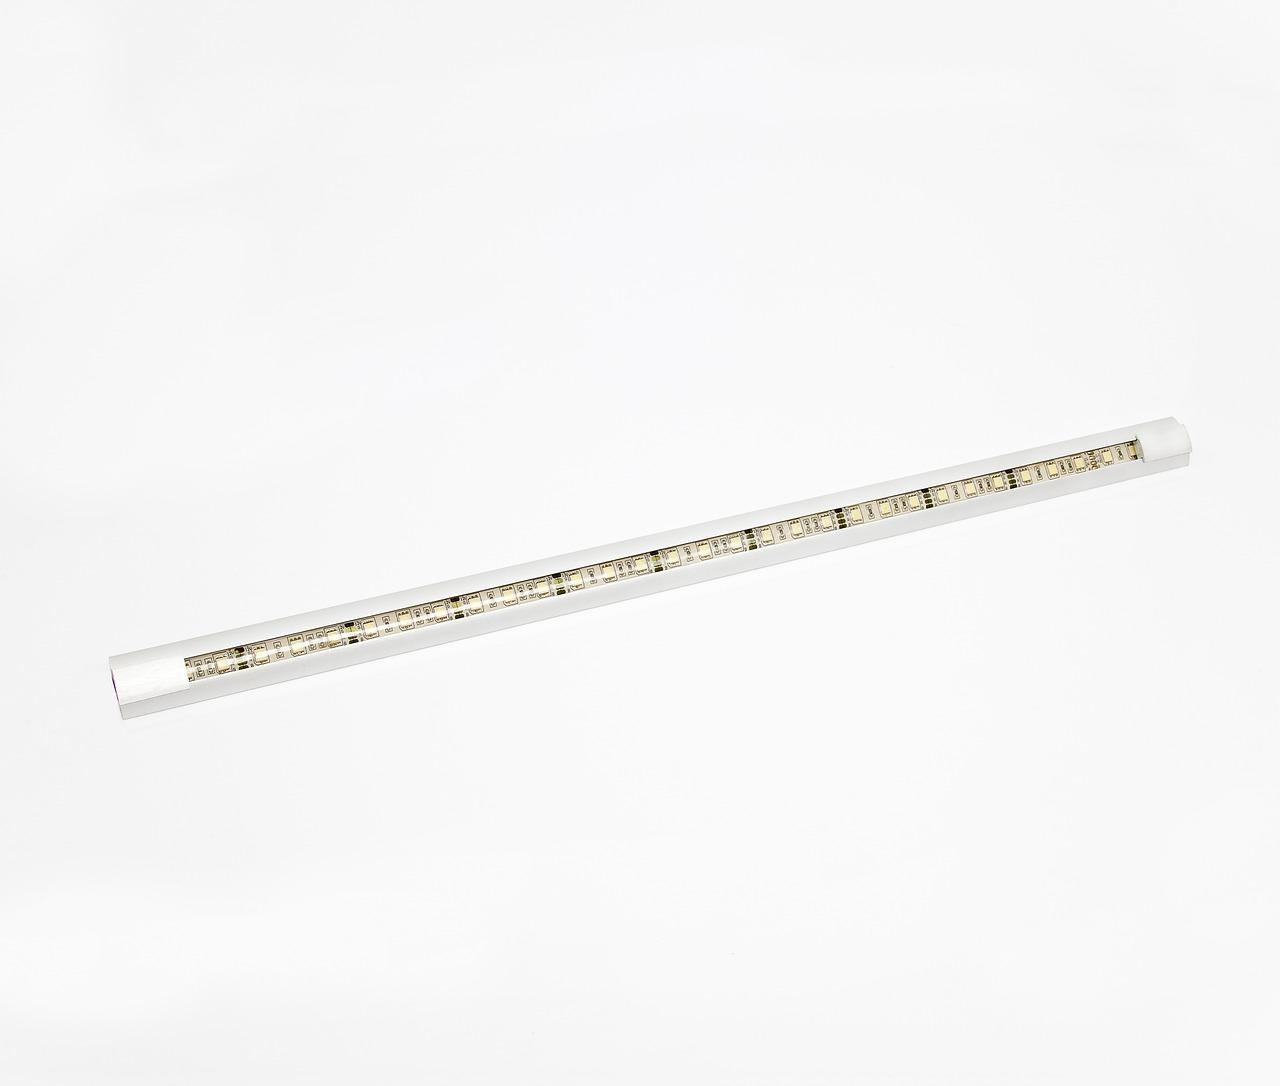 Profil aluminiowy LED – podstawa przy montażu oświetlenia LED